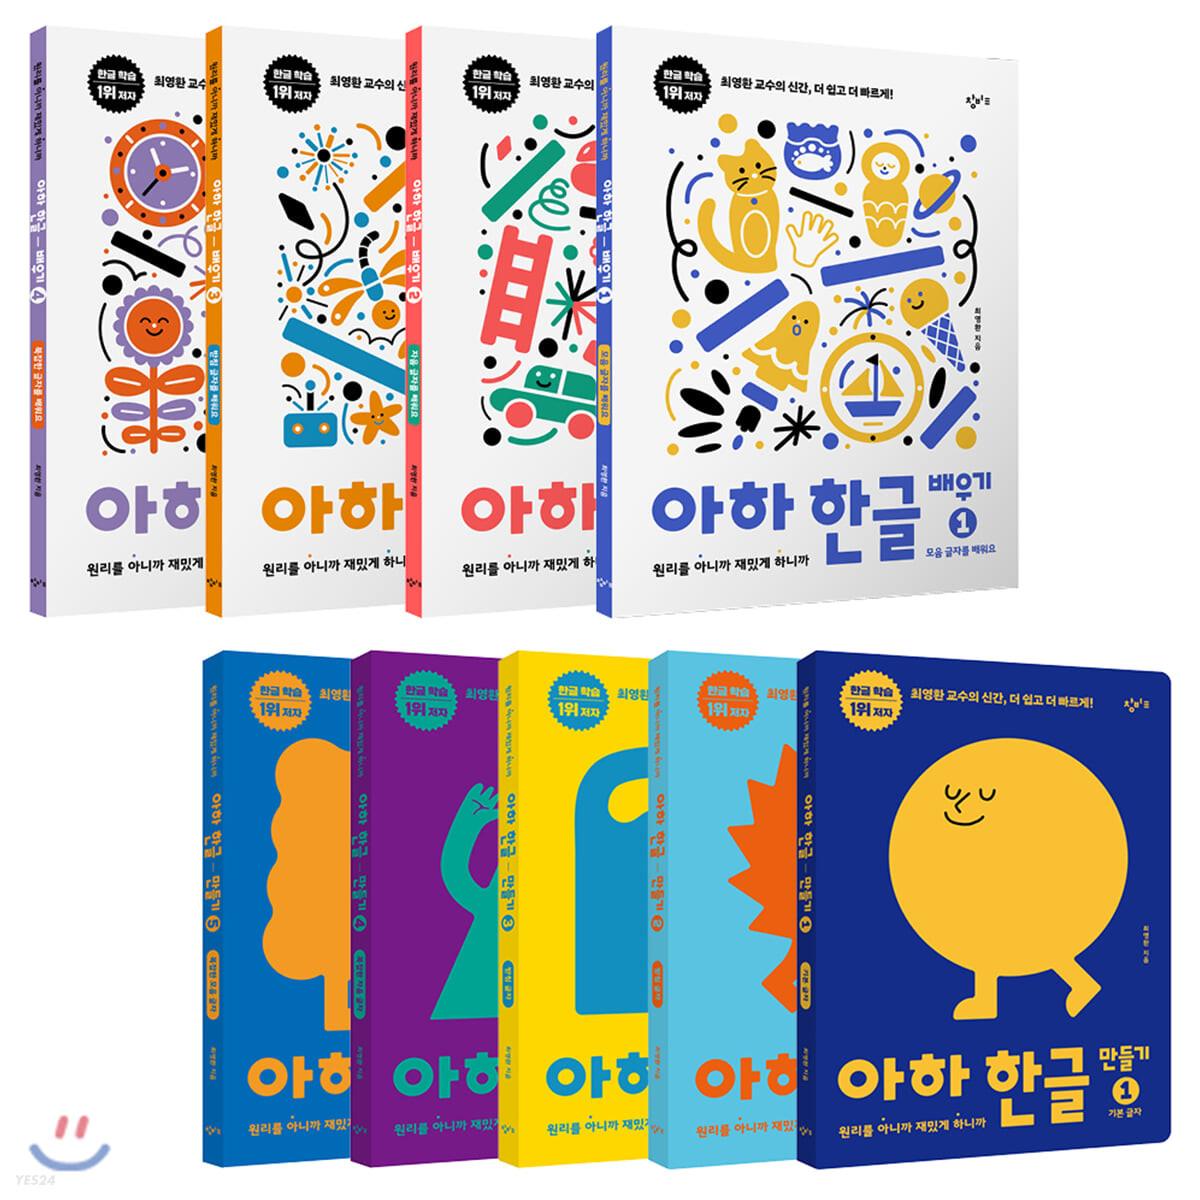 아하 한글 만들기 + 배우기 세트